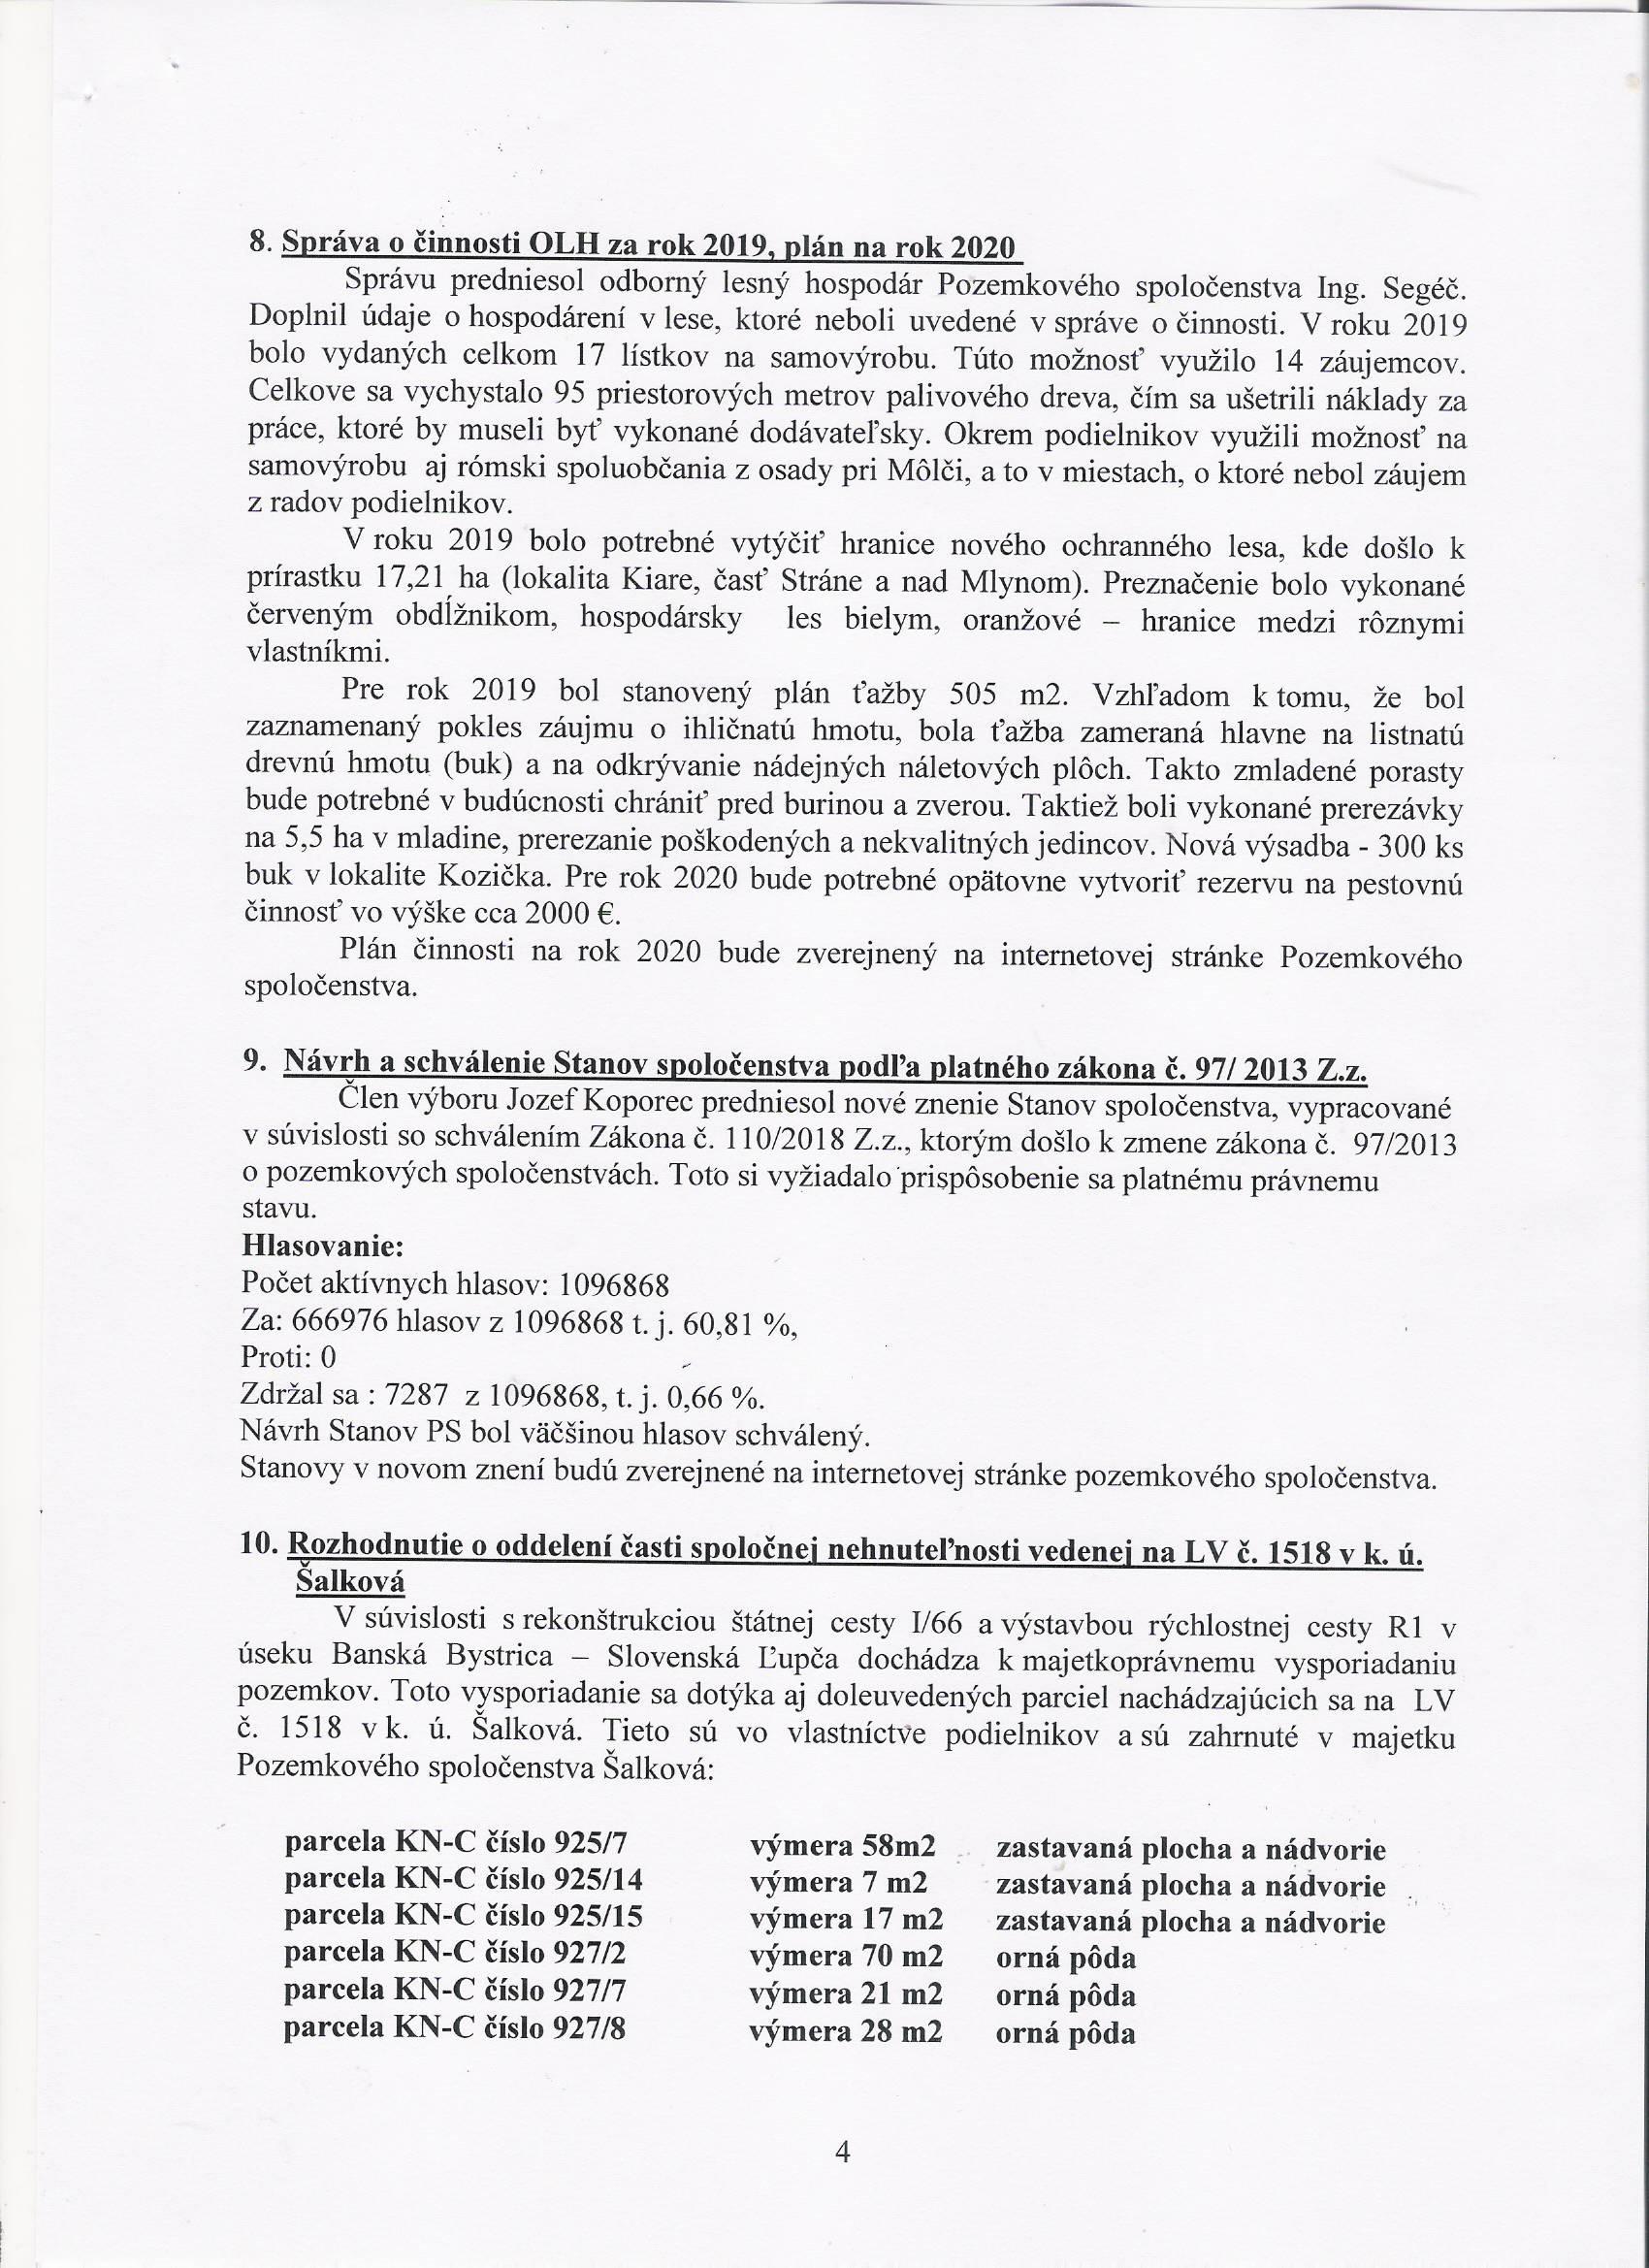 Scan - Zápisnica z VZ 18.7.2020 - strana č. 4